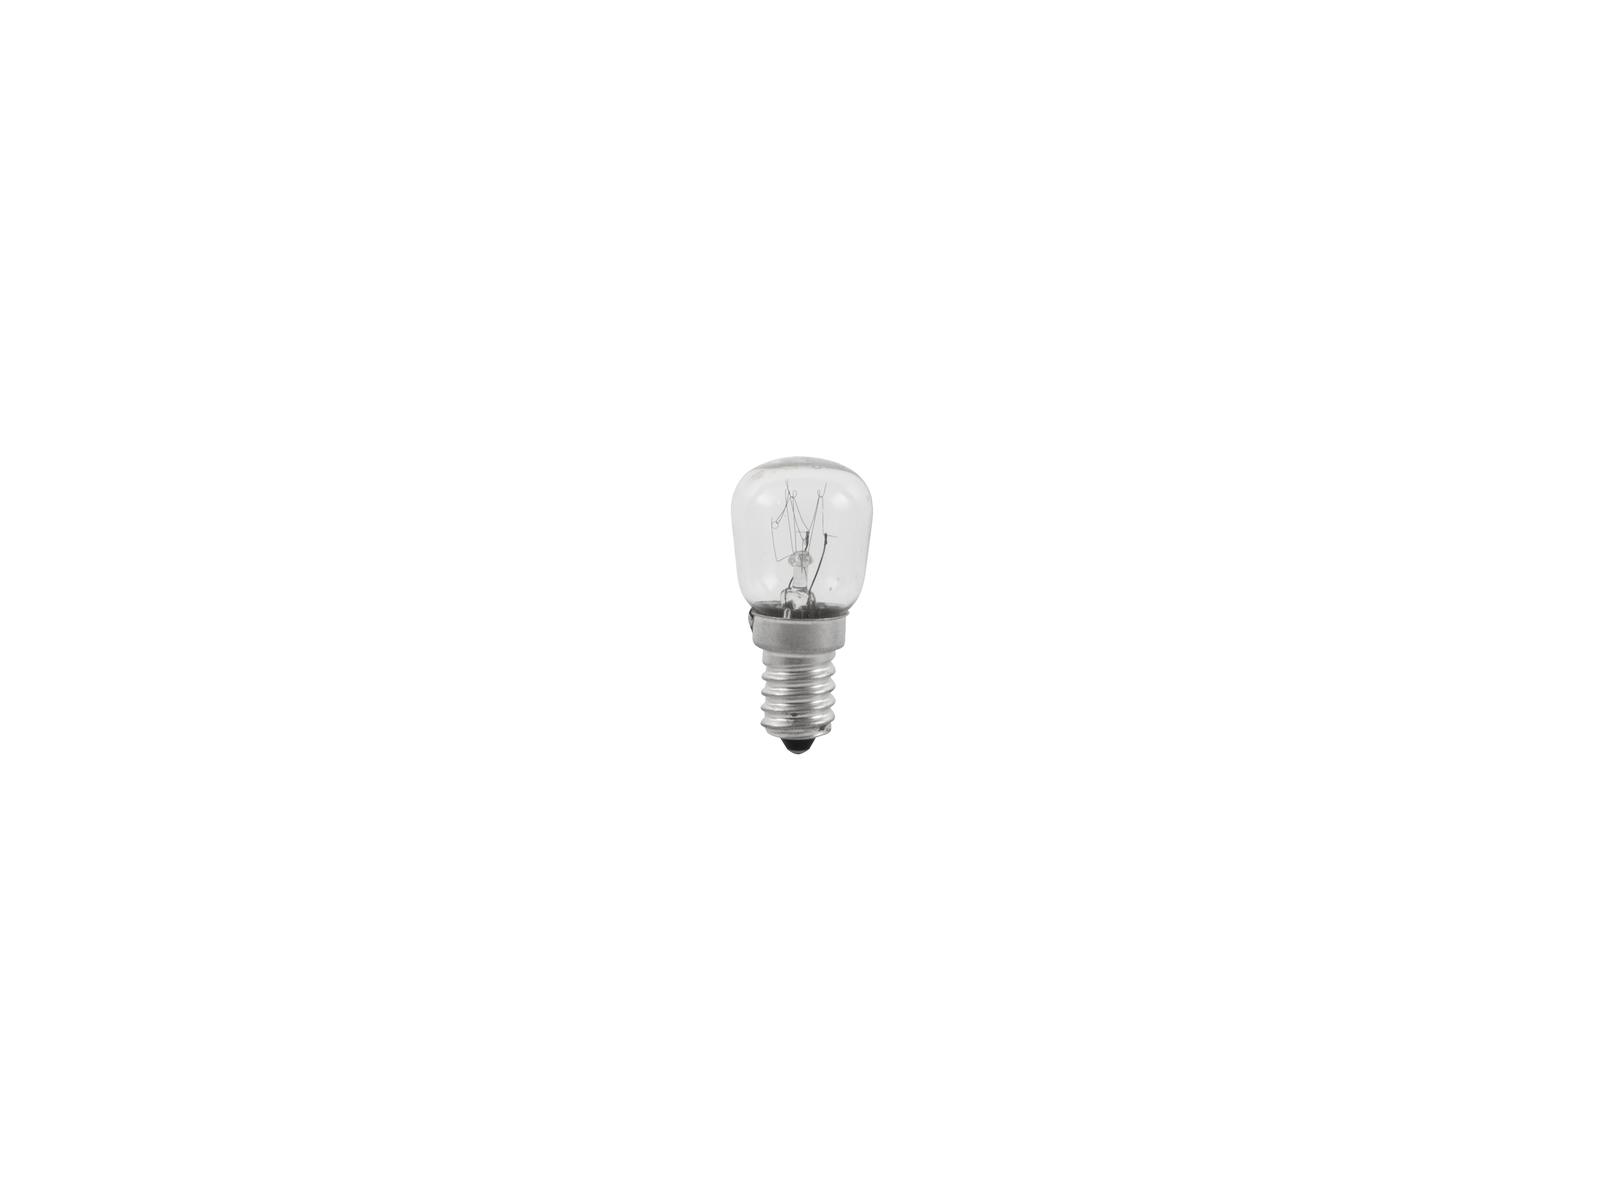 OMNILUX Carnevale lampada 230V 25W/E-14 1000h